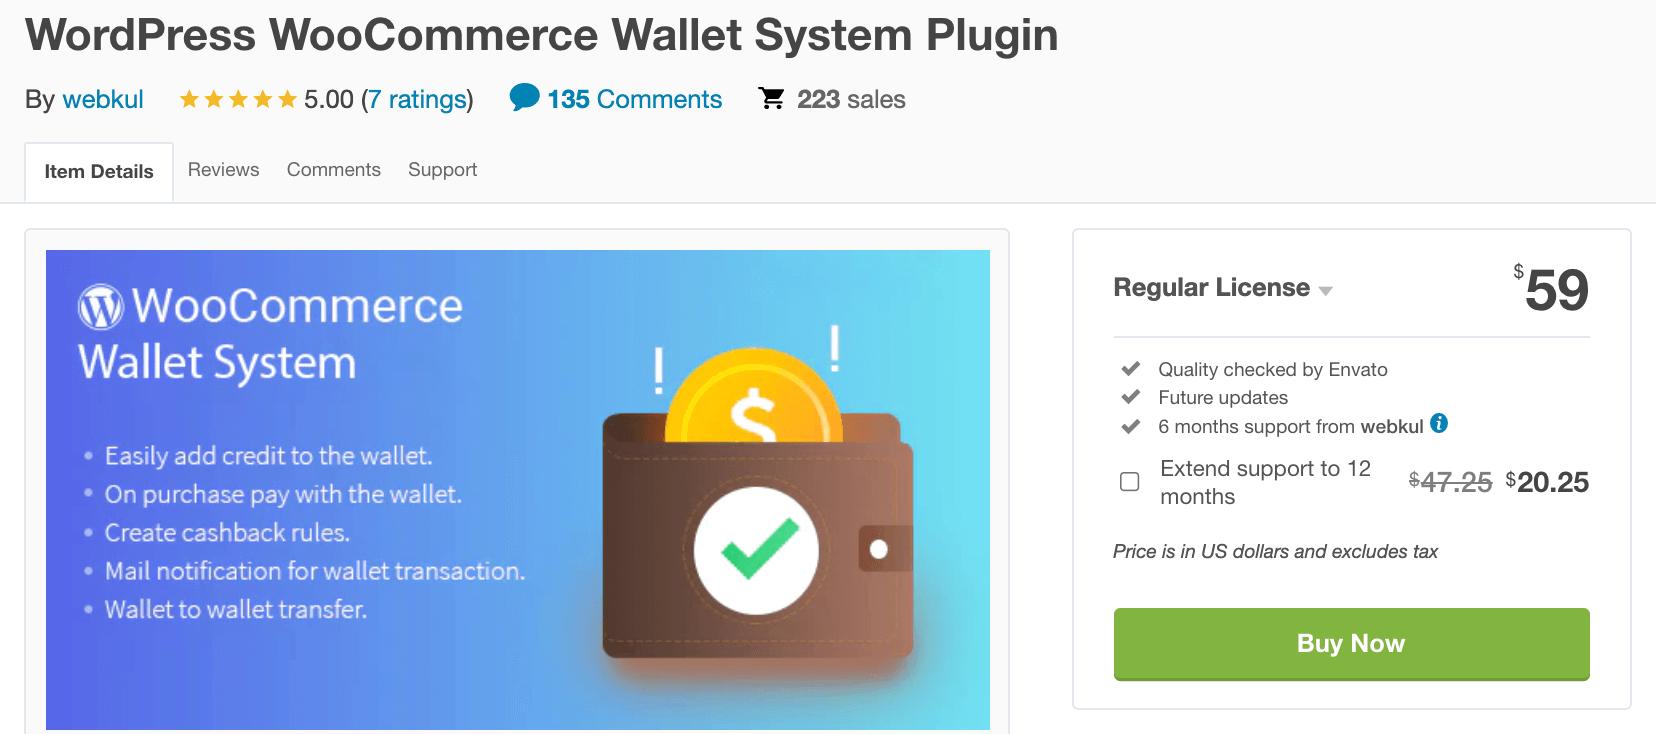 WordPress WooCommerce Wallet System Plugin by webkul developers